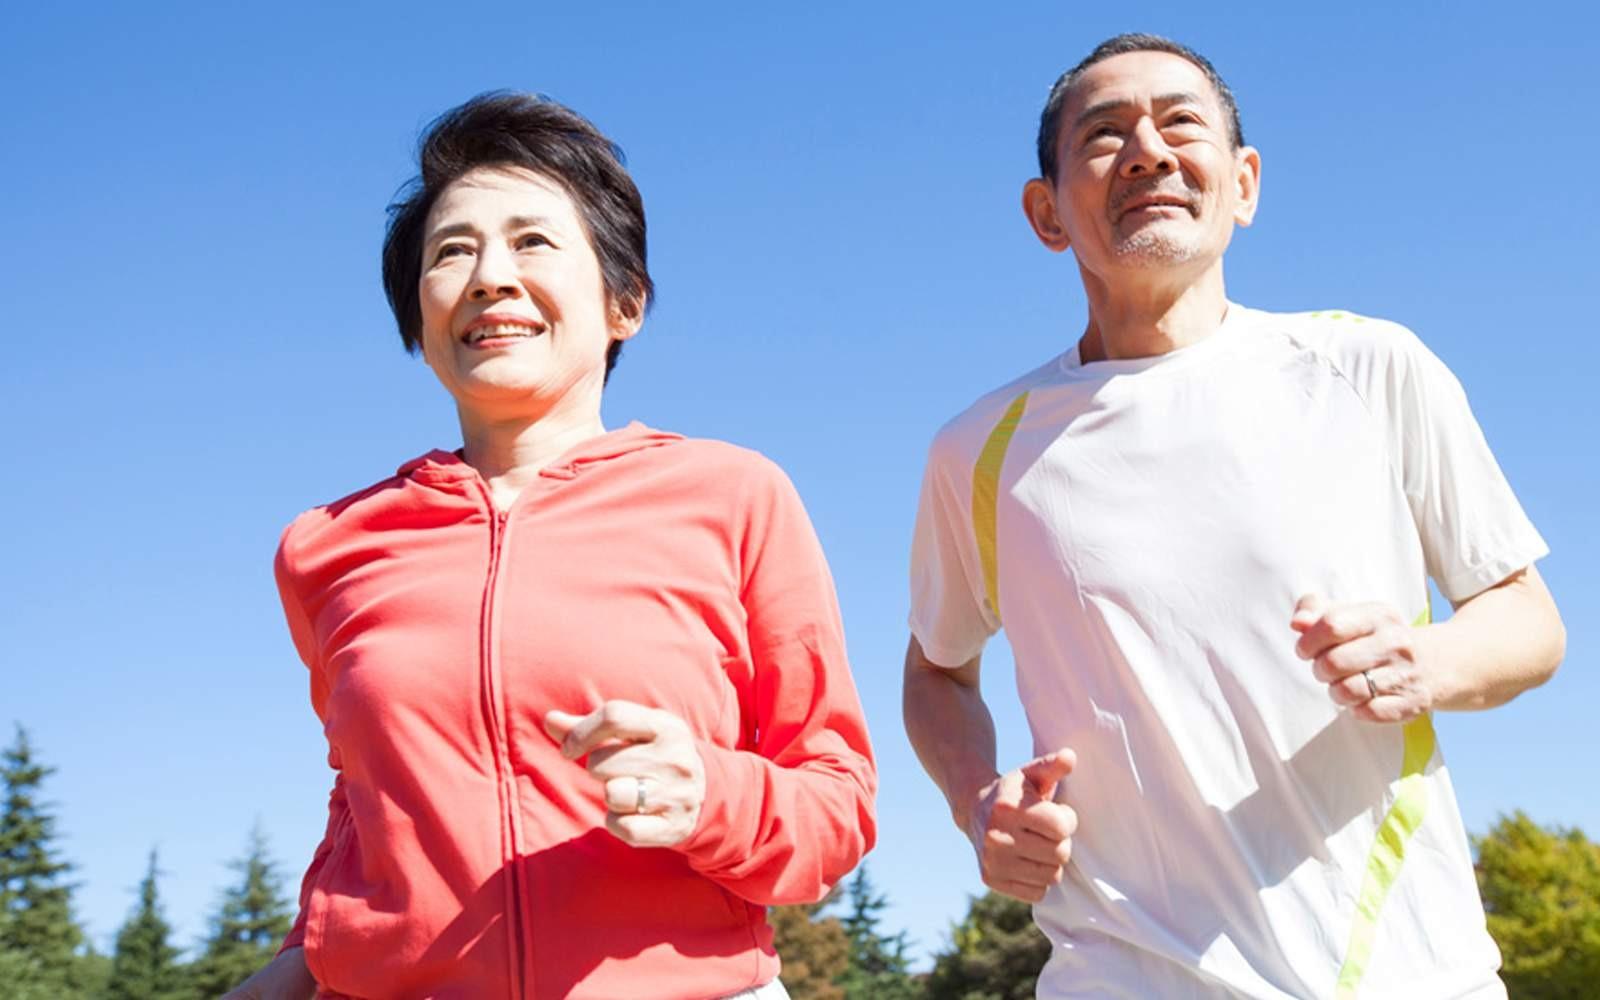 Waktu Paling Tepat untuk Diabetes Berolahraga adalah Setelah Makan, Mengapa?